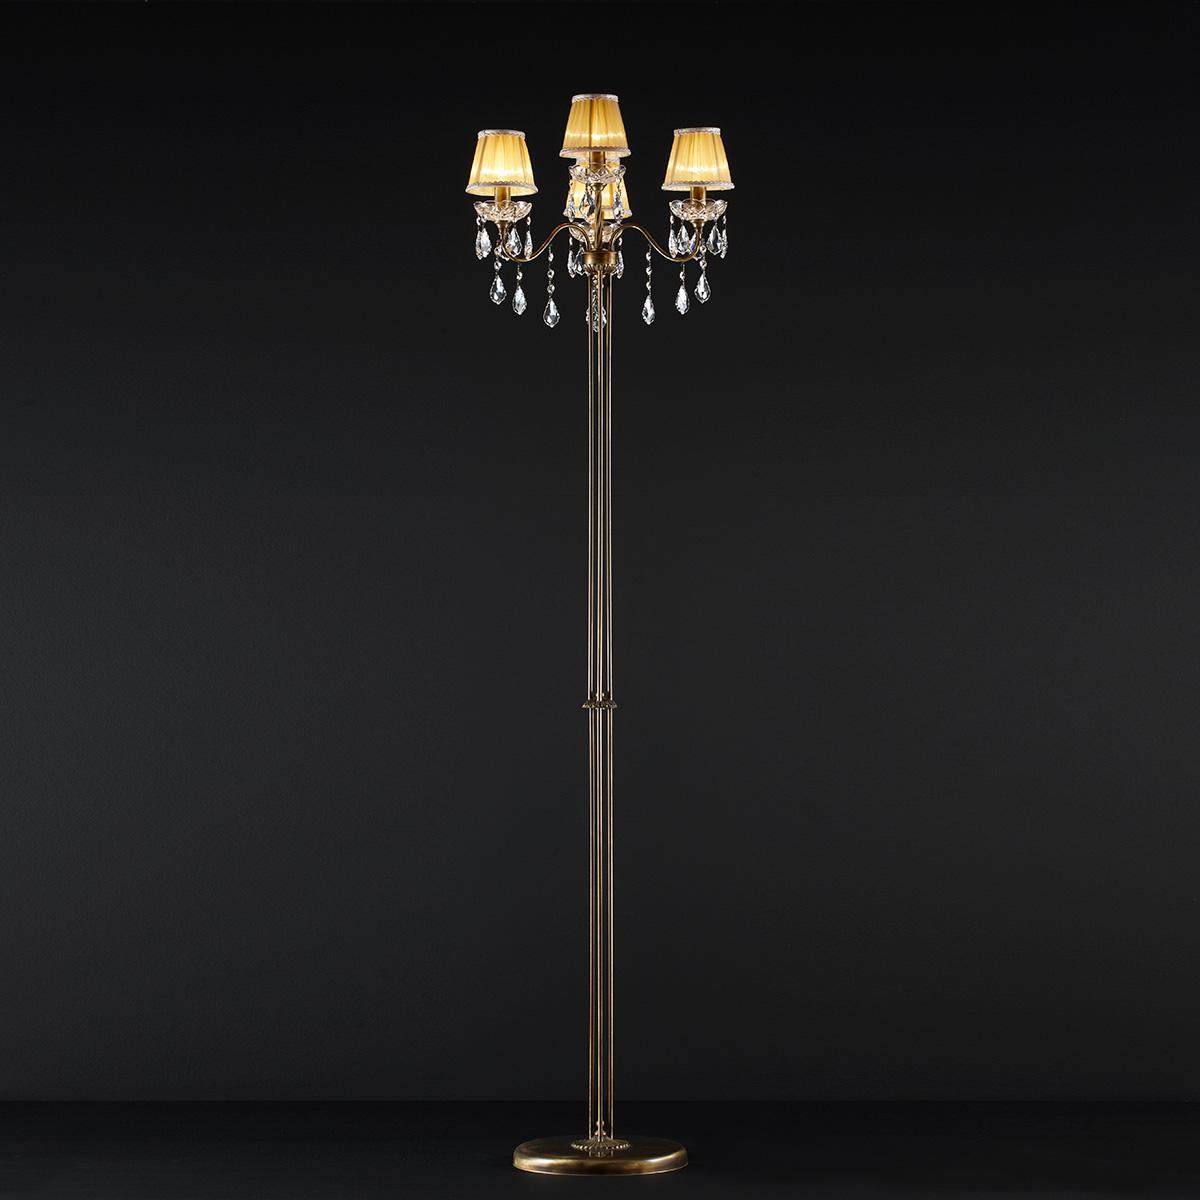 Κλασικό 4φωτο φωτιστικό δαπέδου με κρύσταλλα ΔΙΟΝ classic 4-bulb floor lamp with crystal accents